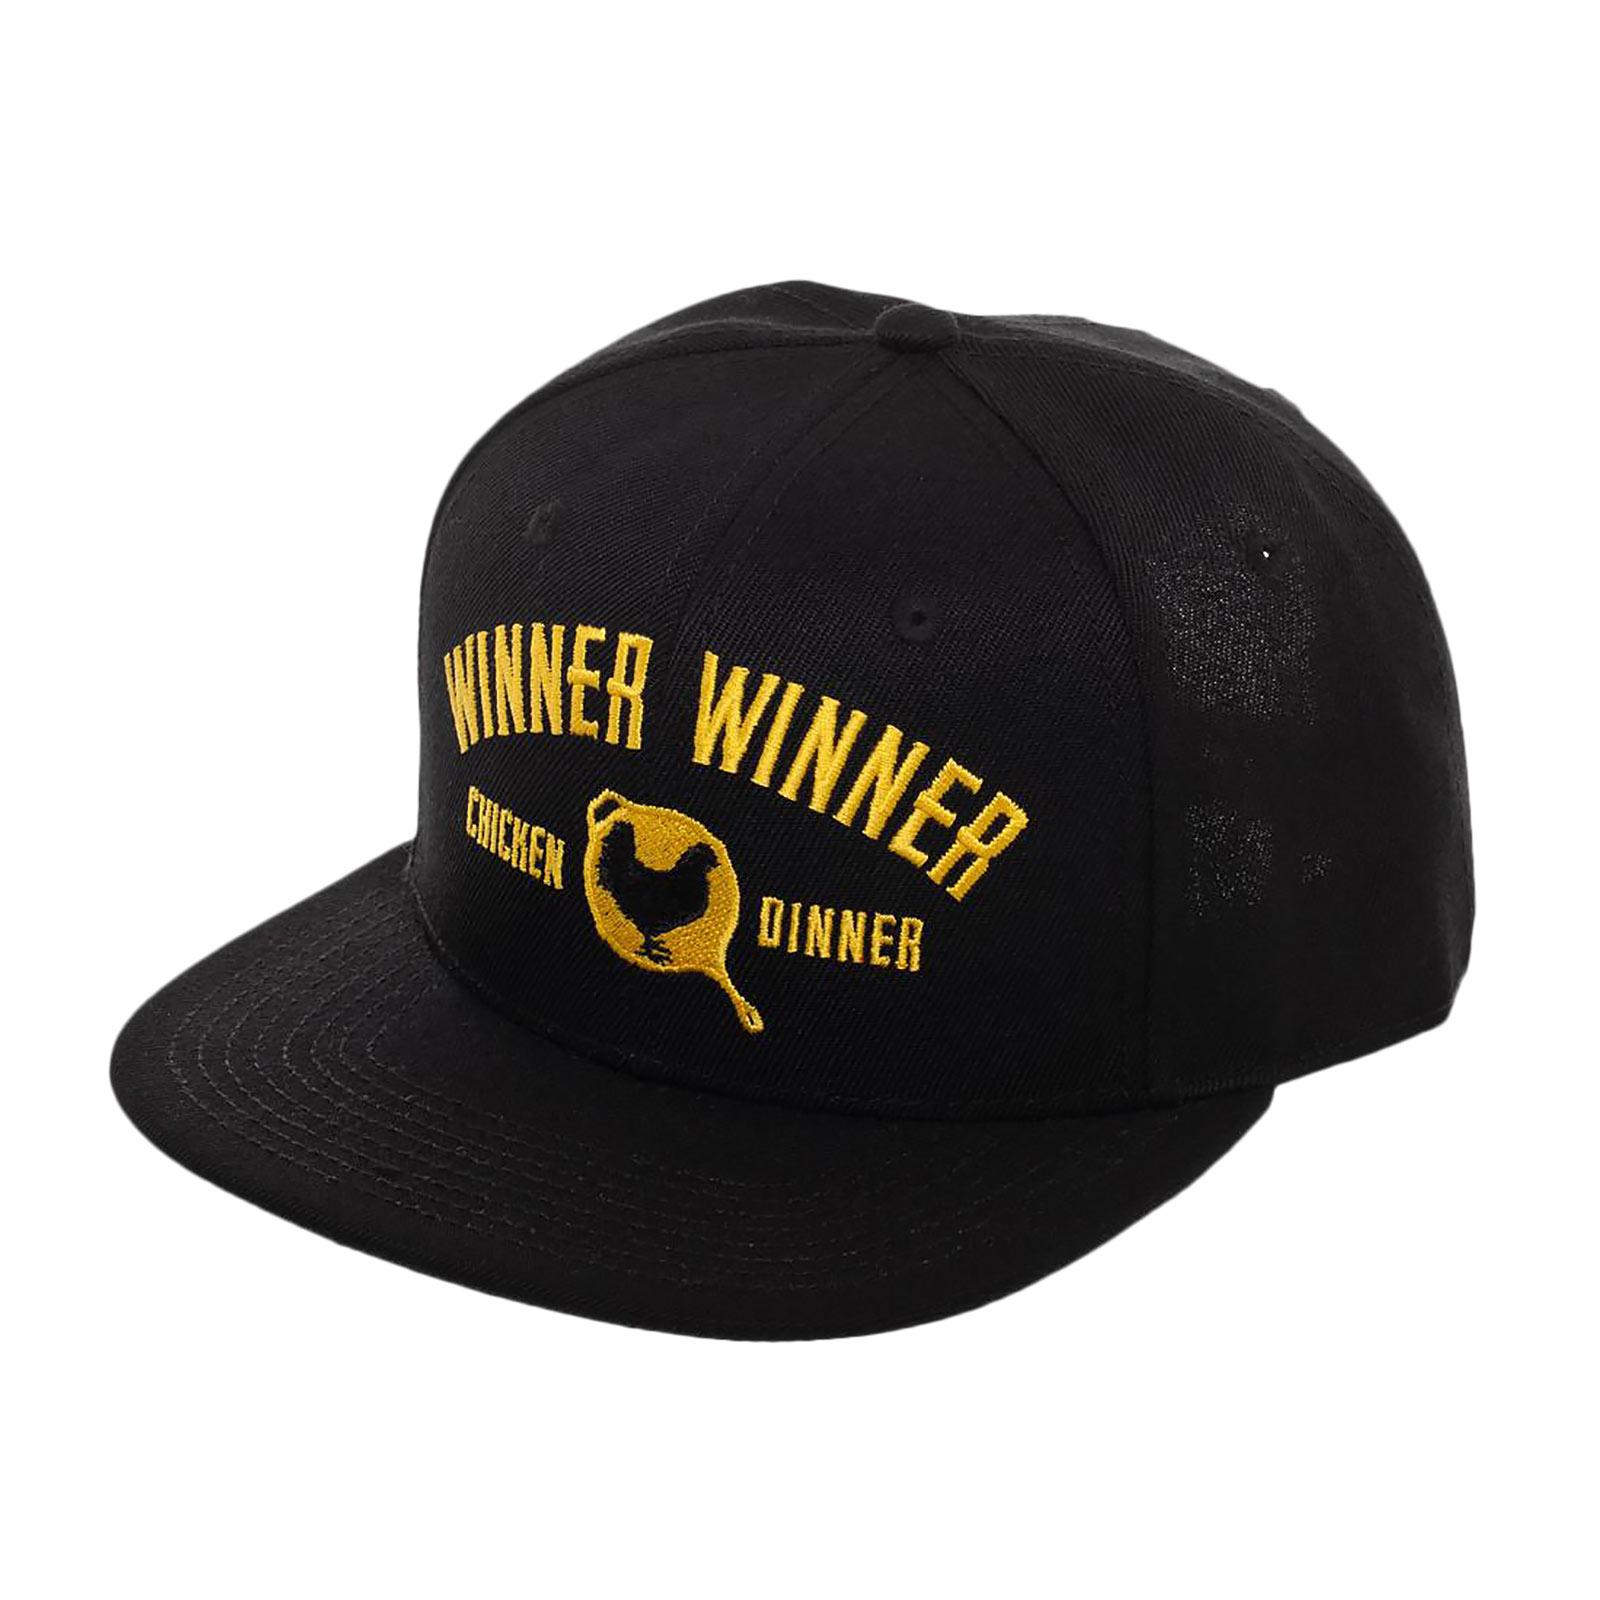 PUBG - Winner Winner Chicken Dinner Snapback Cap